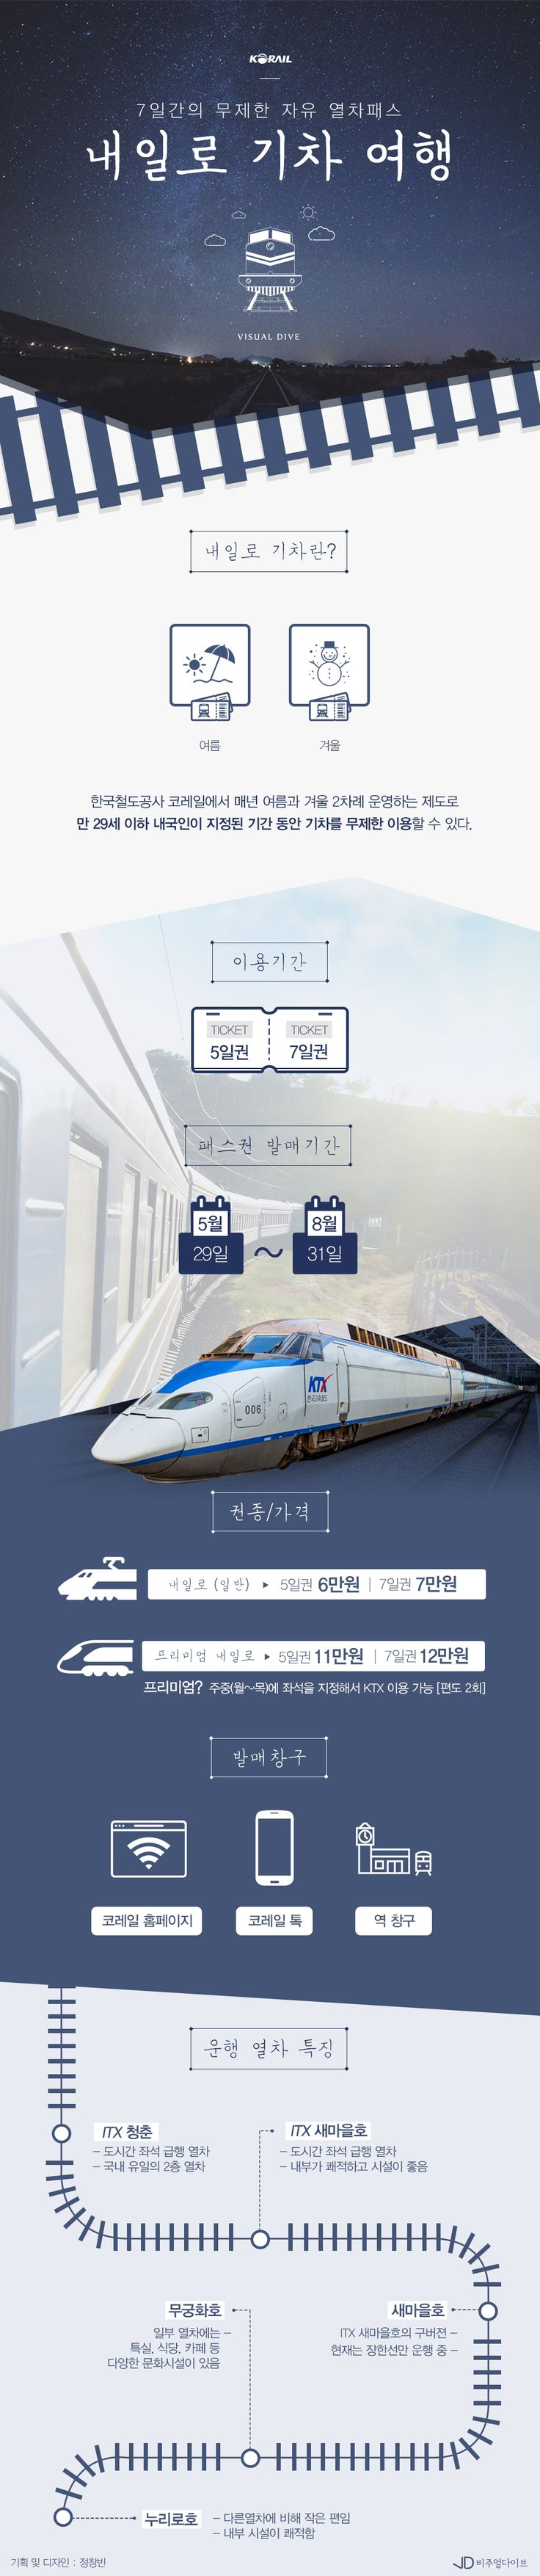 '7일간의 무제한 자유 열차패스' 내일로 기차 여행 [인포그래픽] | 비주얼다이브